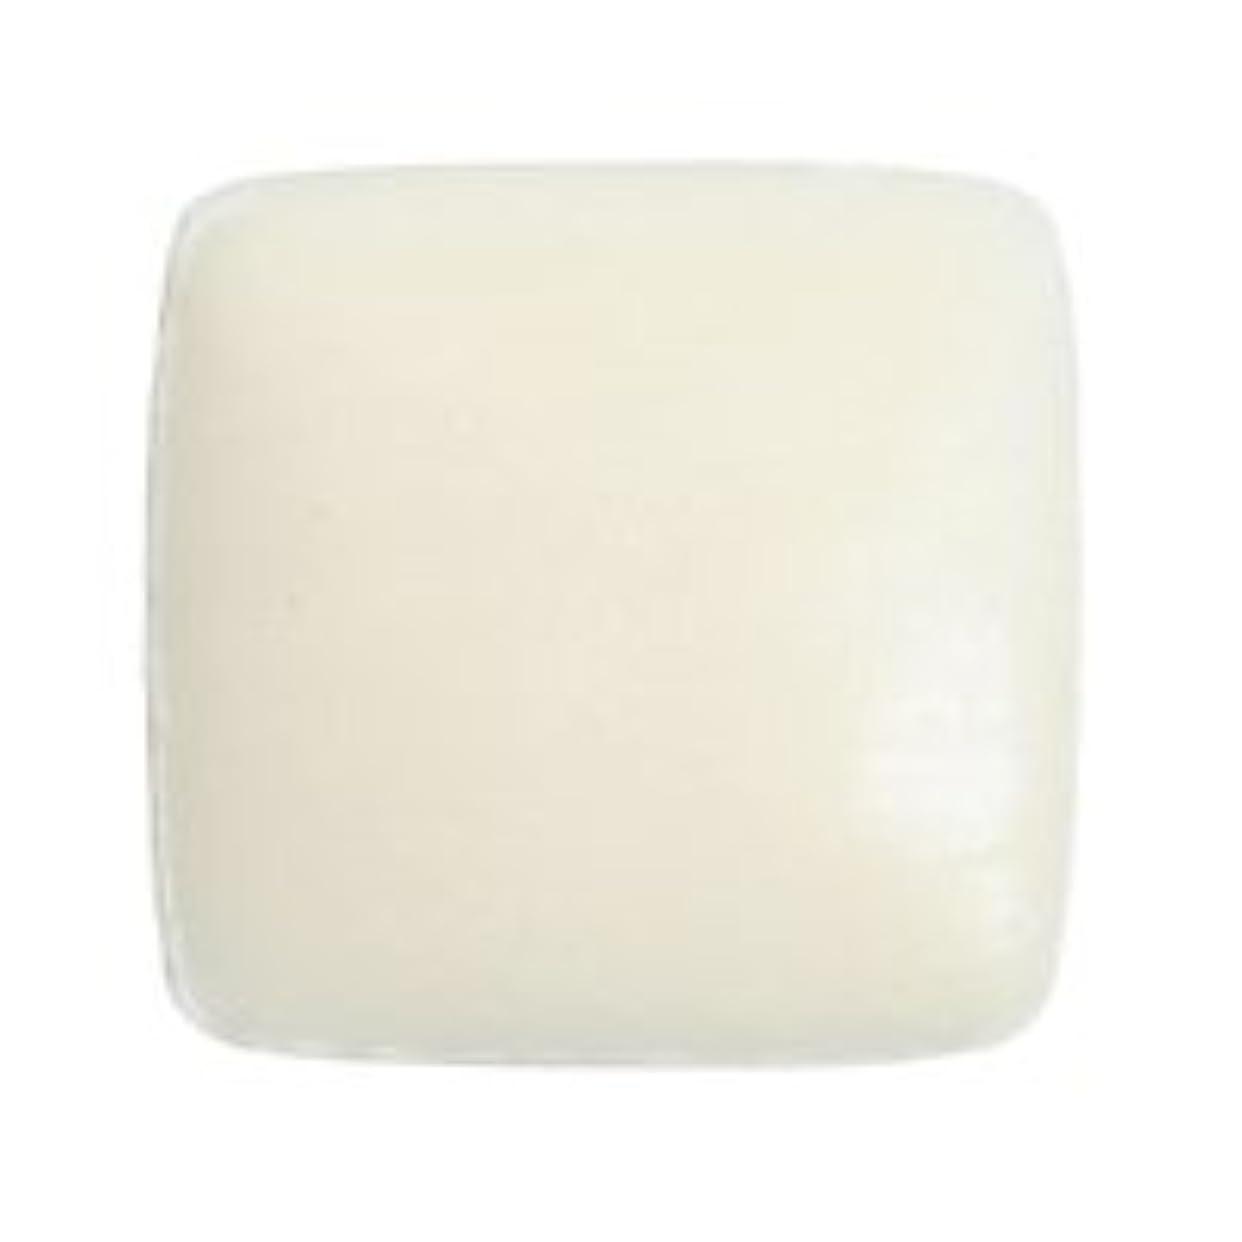 偽統合する反対ドクターY ホワイトクレイソープ80g 固形石鹸